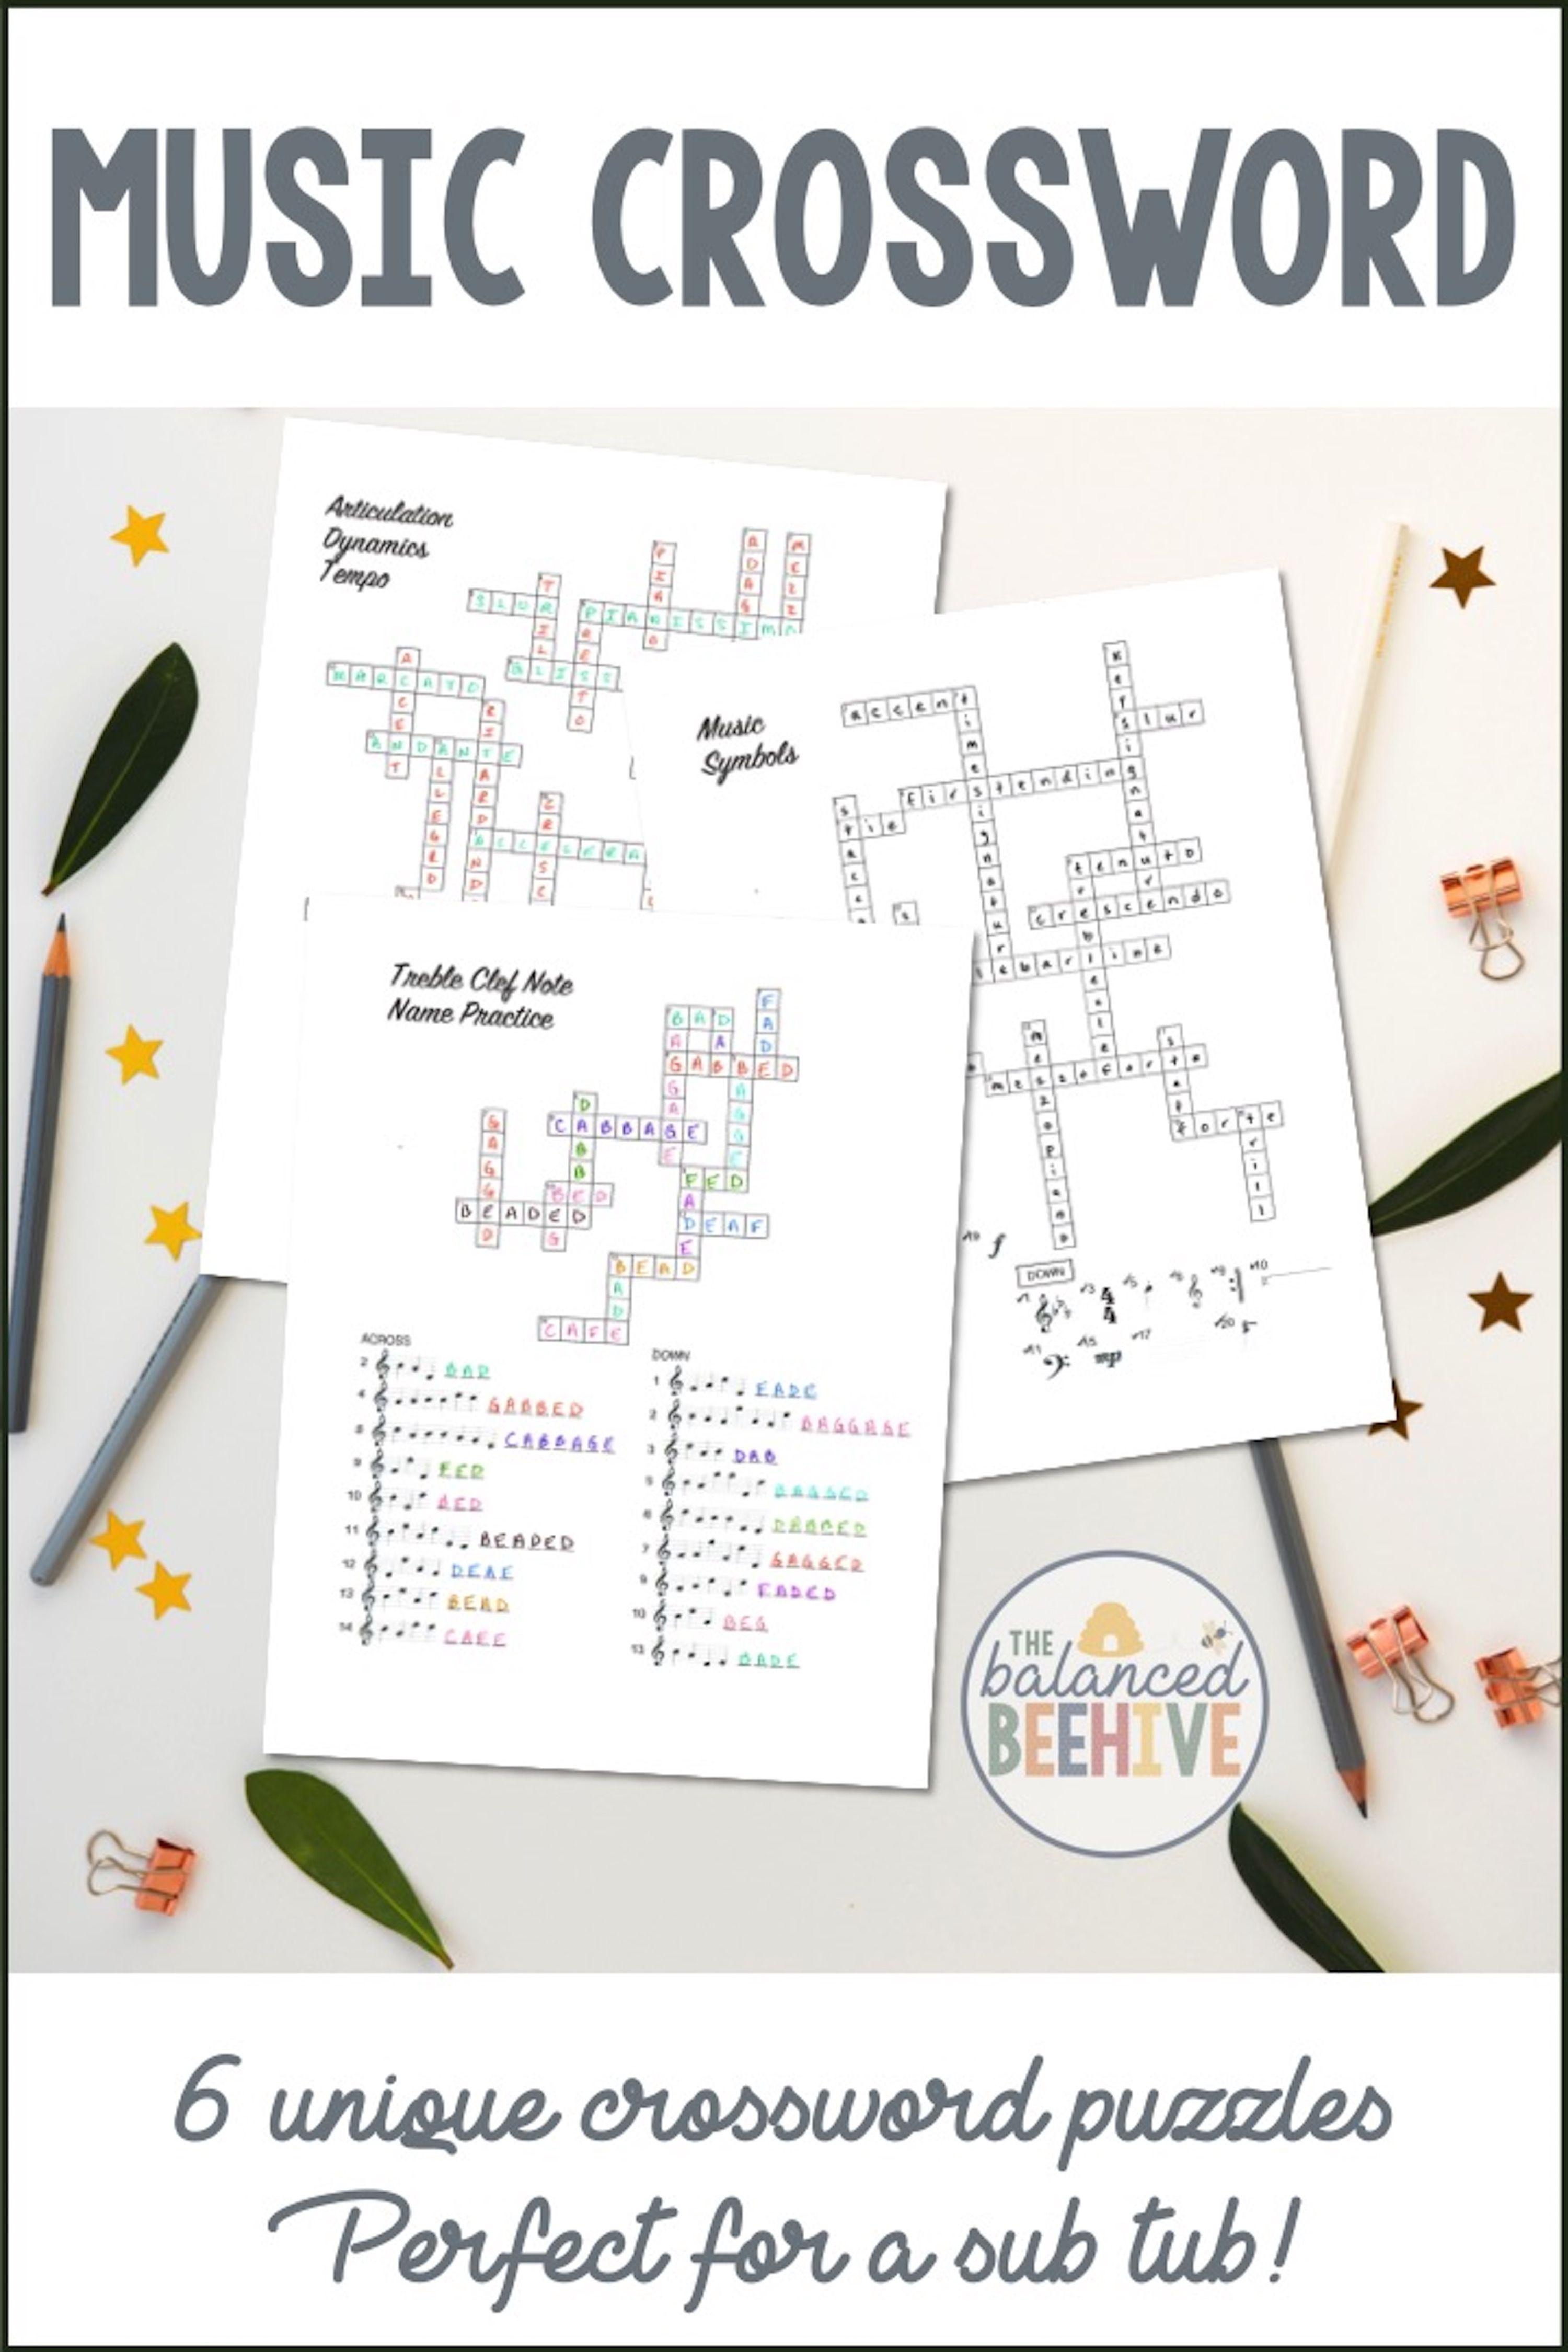 Music Crossword Puzzles